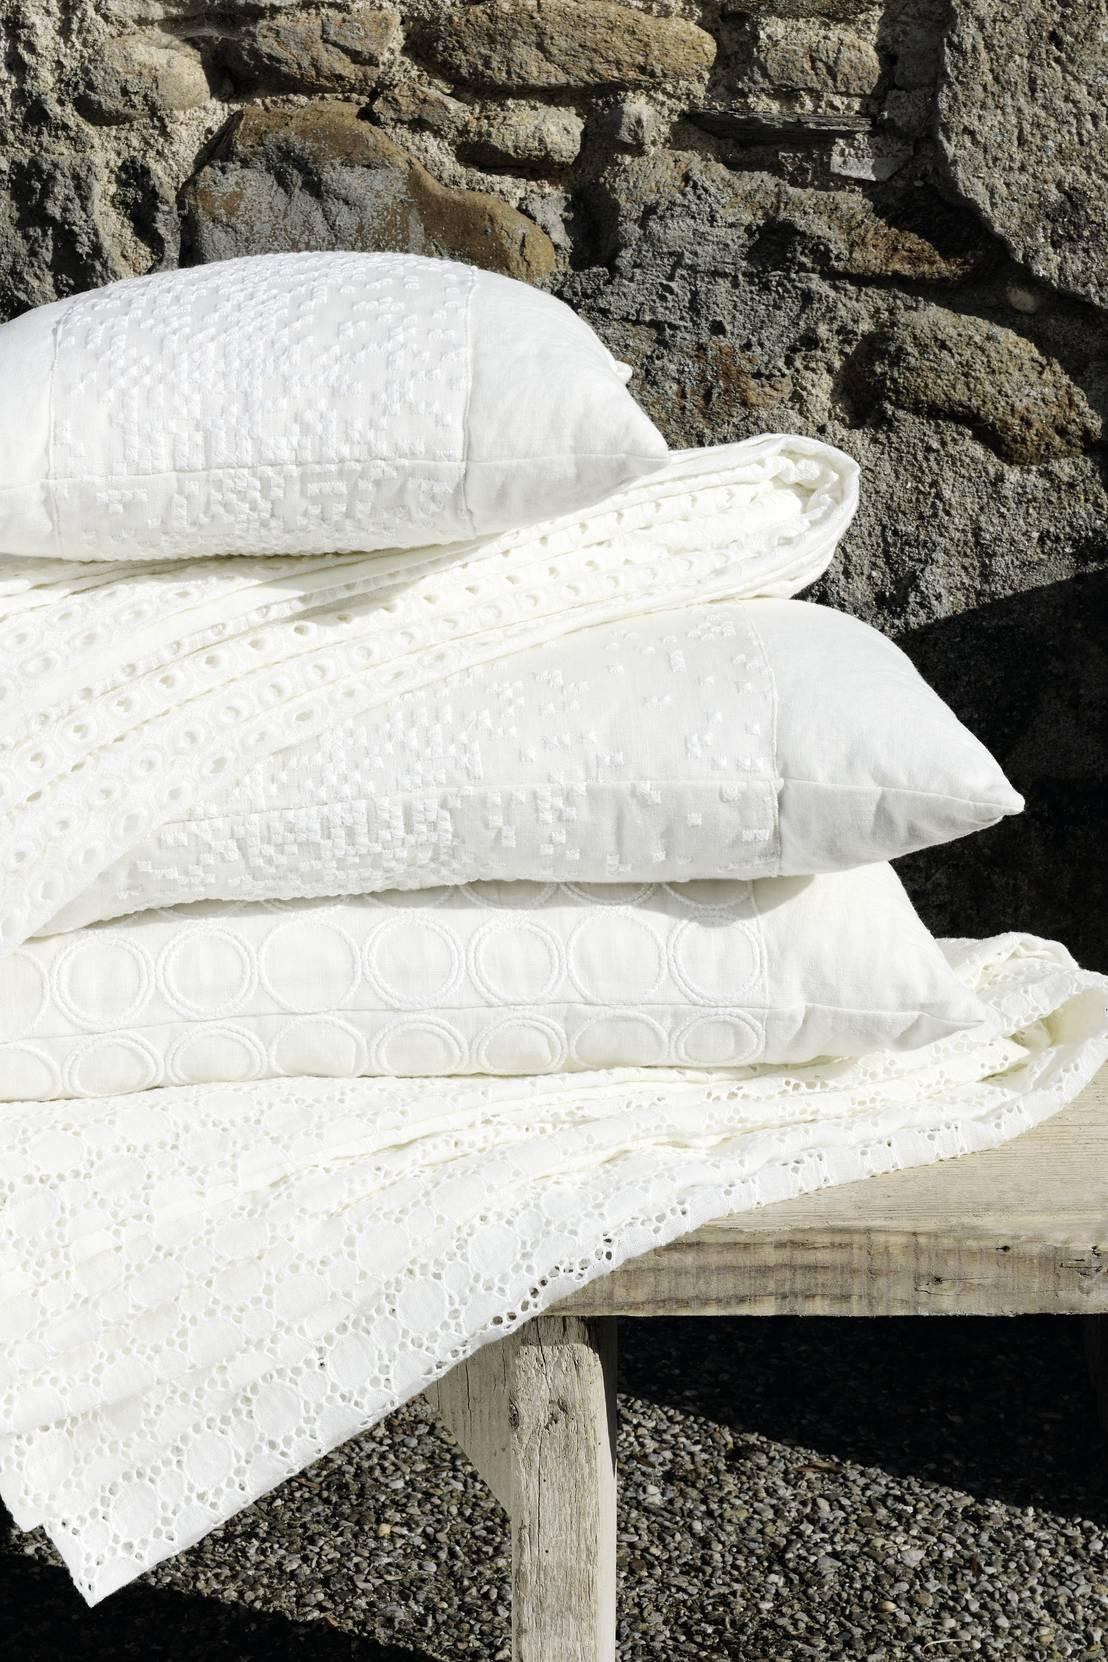 Il miglior tessuto in estate il lino anche per vestire - Miglior disinfettante per casa ...